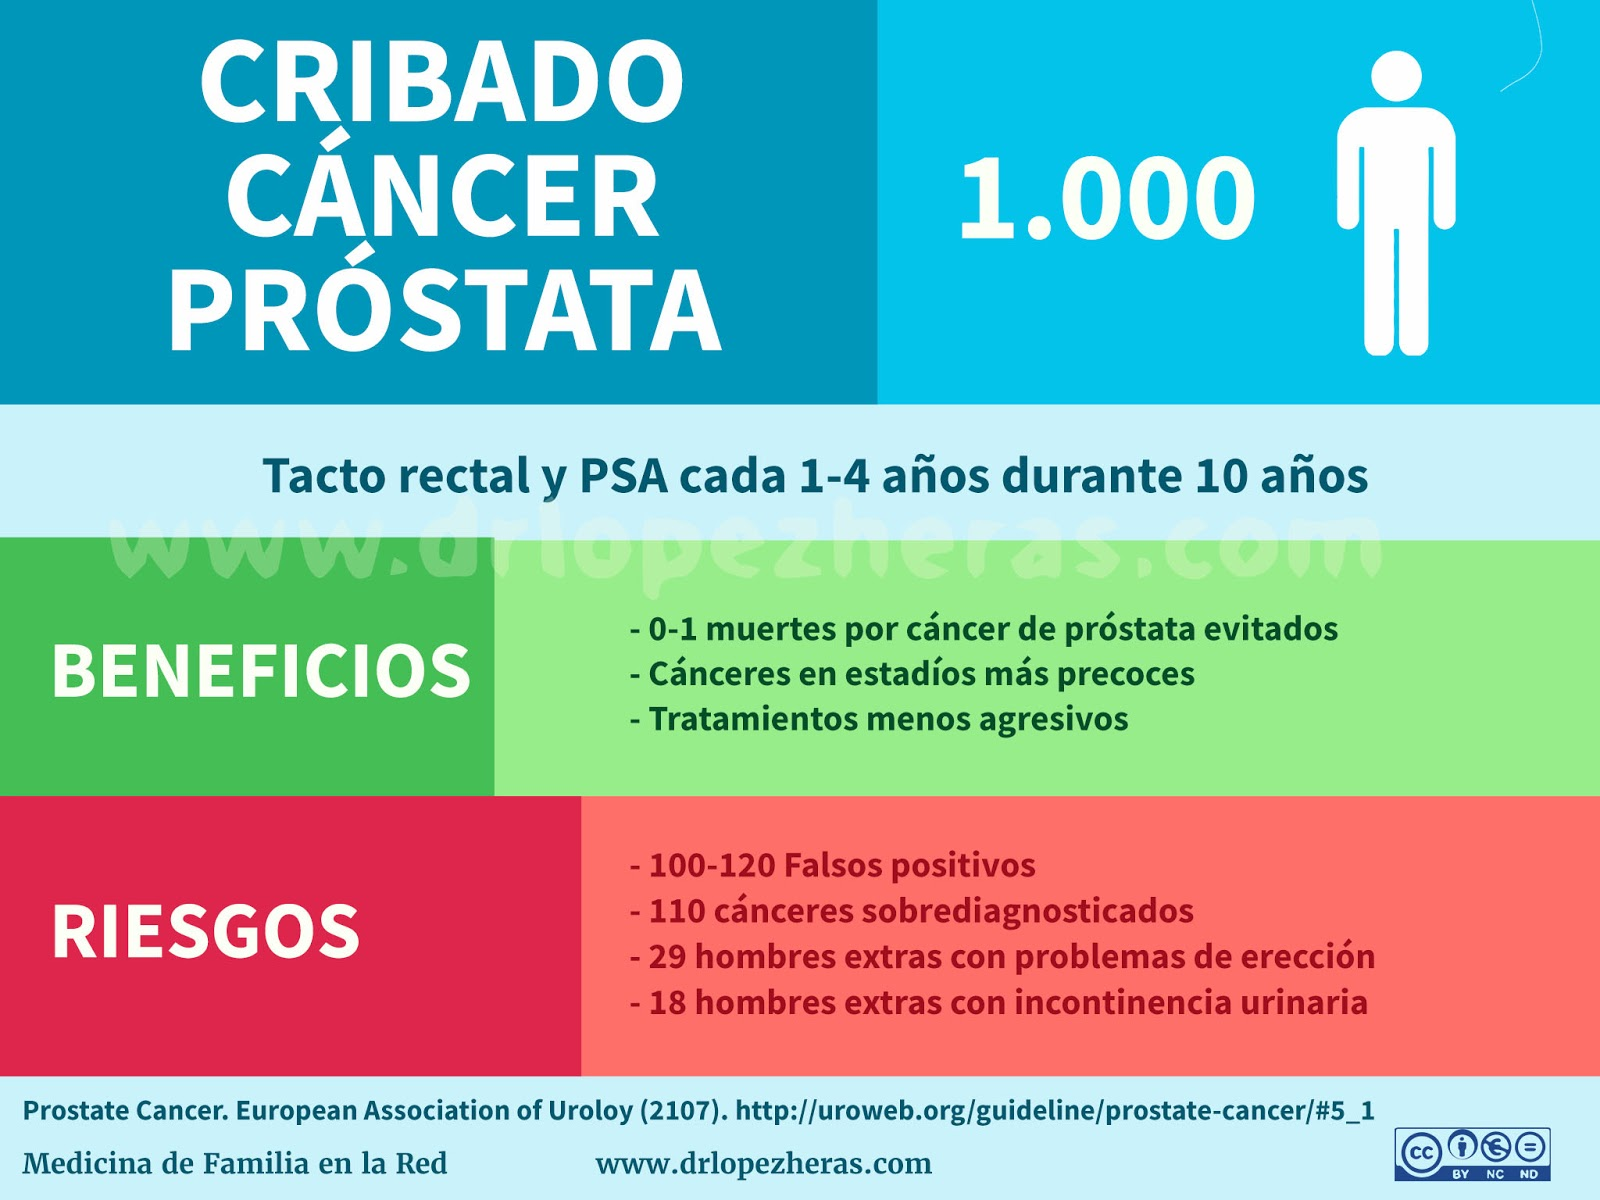 biopsia de cáncer de próstata en dos de dieciocho látigos